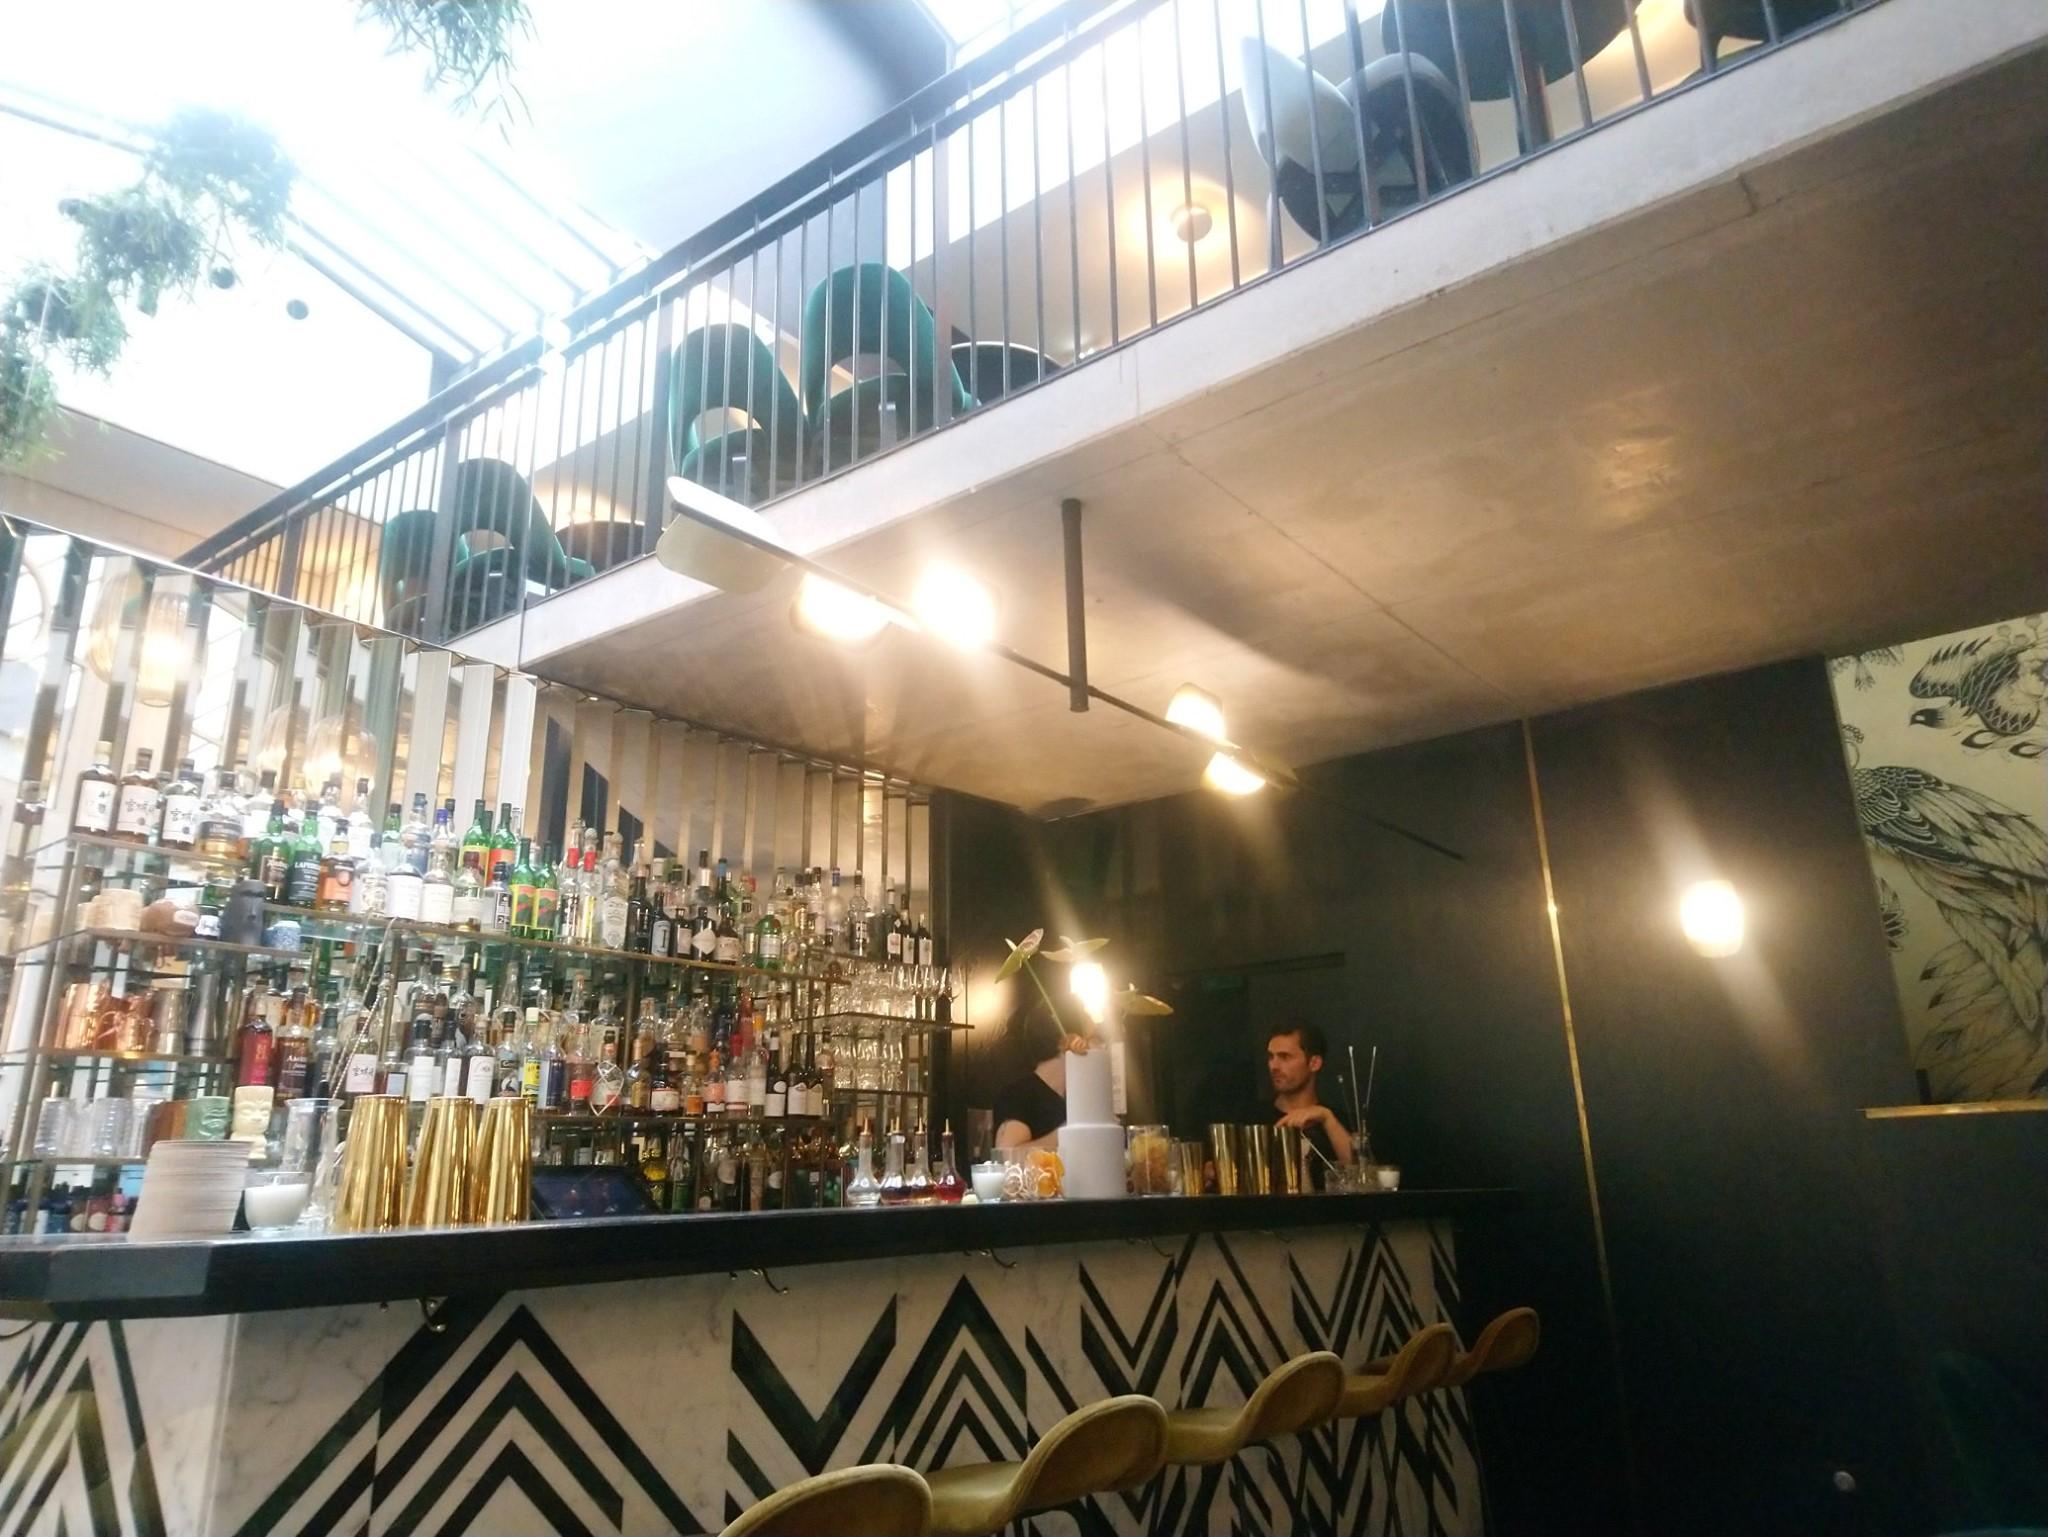 Bar à cocktails Danico - Paris